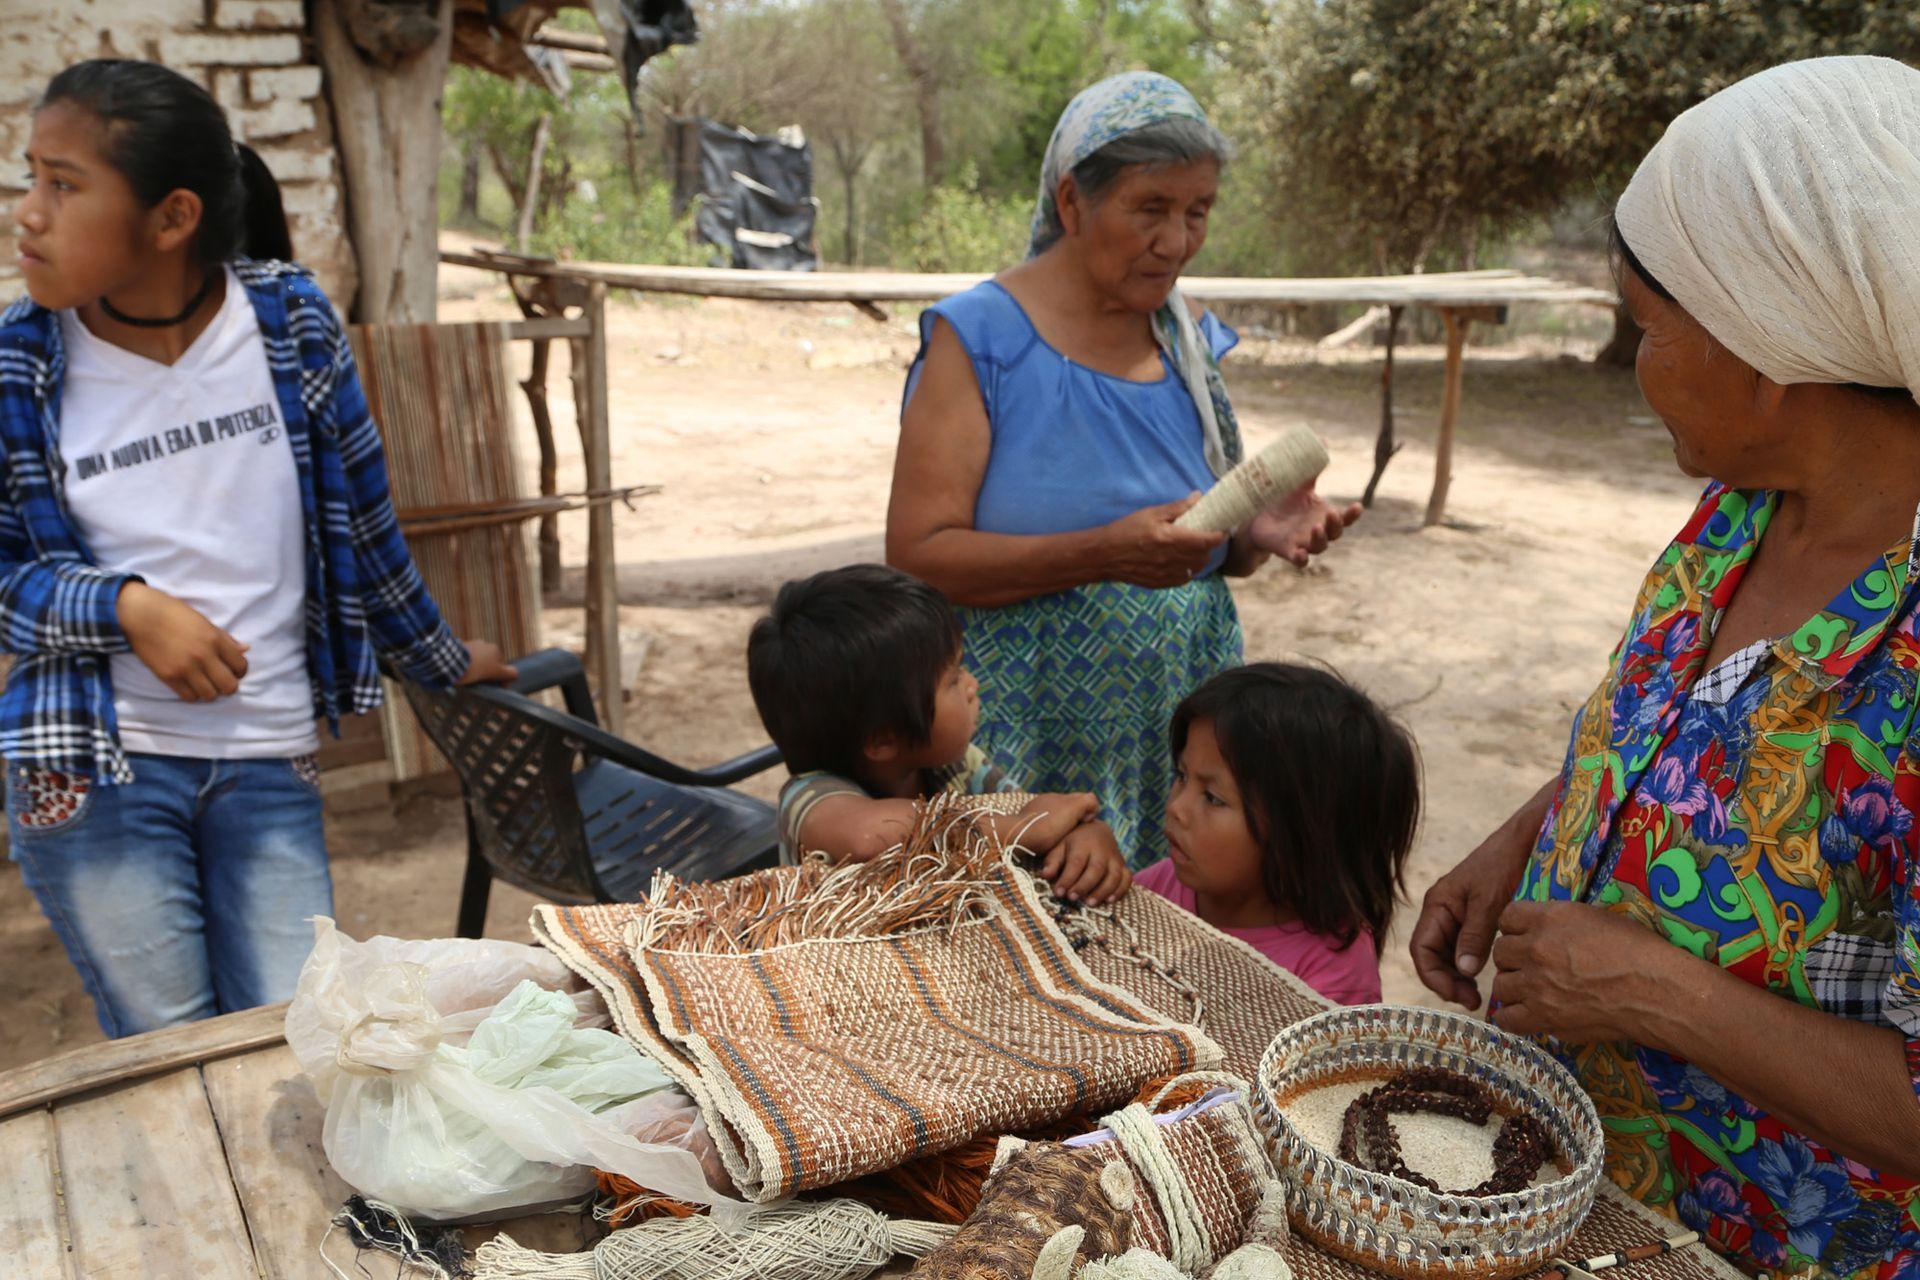 Las mujeres se capacitan en tejidos, y las que más saben transmiten los conocimientos de generación en generación, como la calidad de los puntos y las técnicas de teñido.